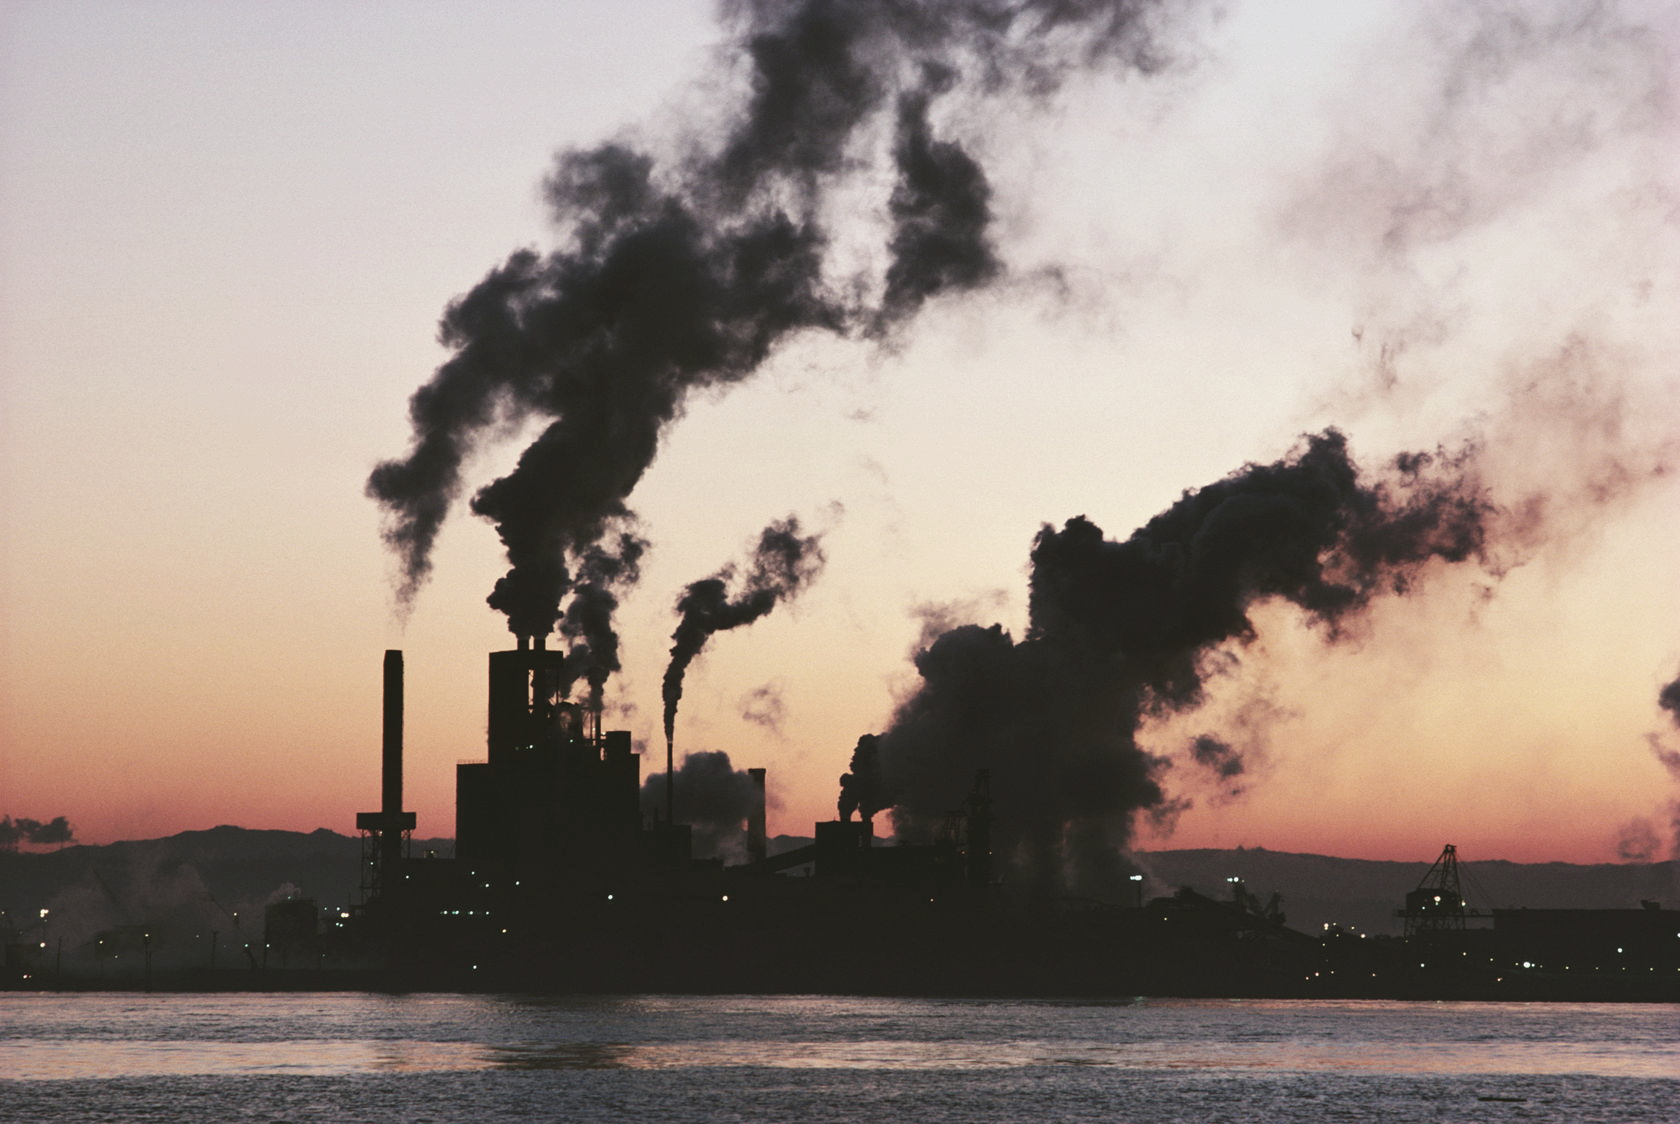 антропогенное загрязнение атмосферы